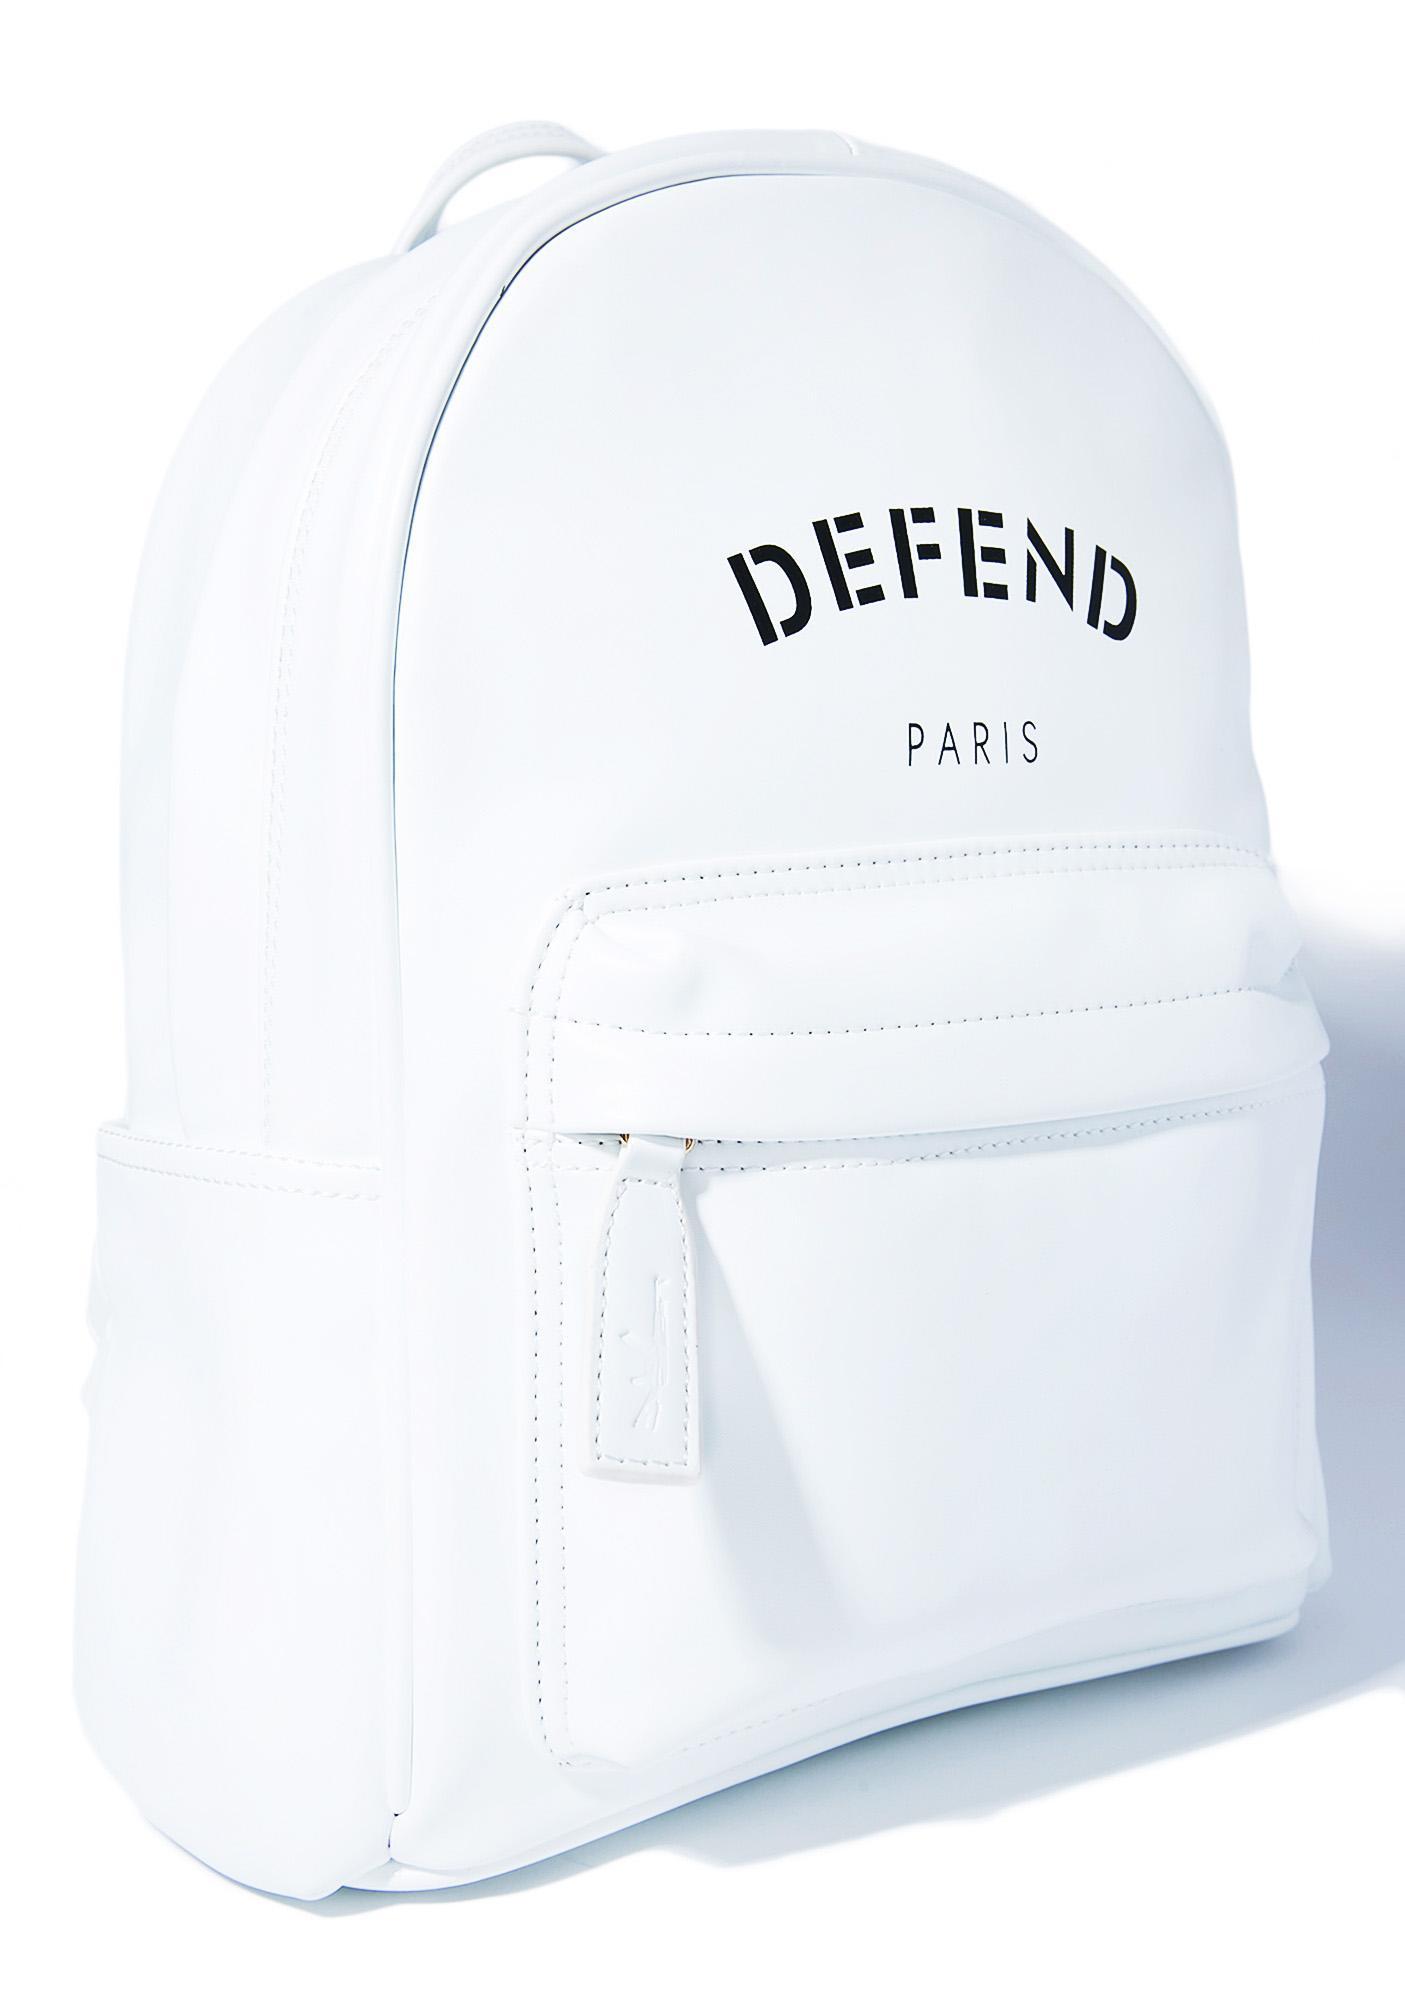 Defend Paris Small Noah Backpack